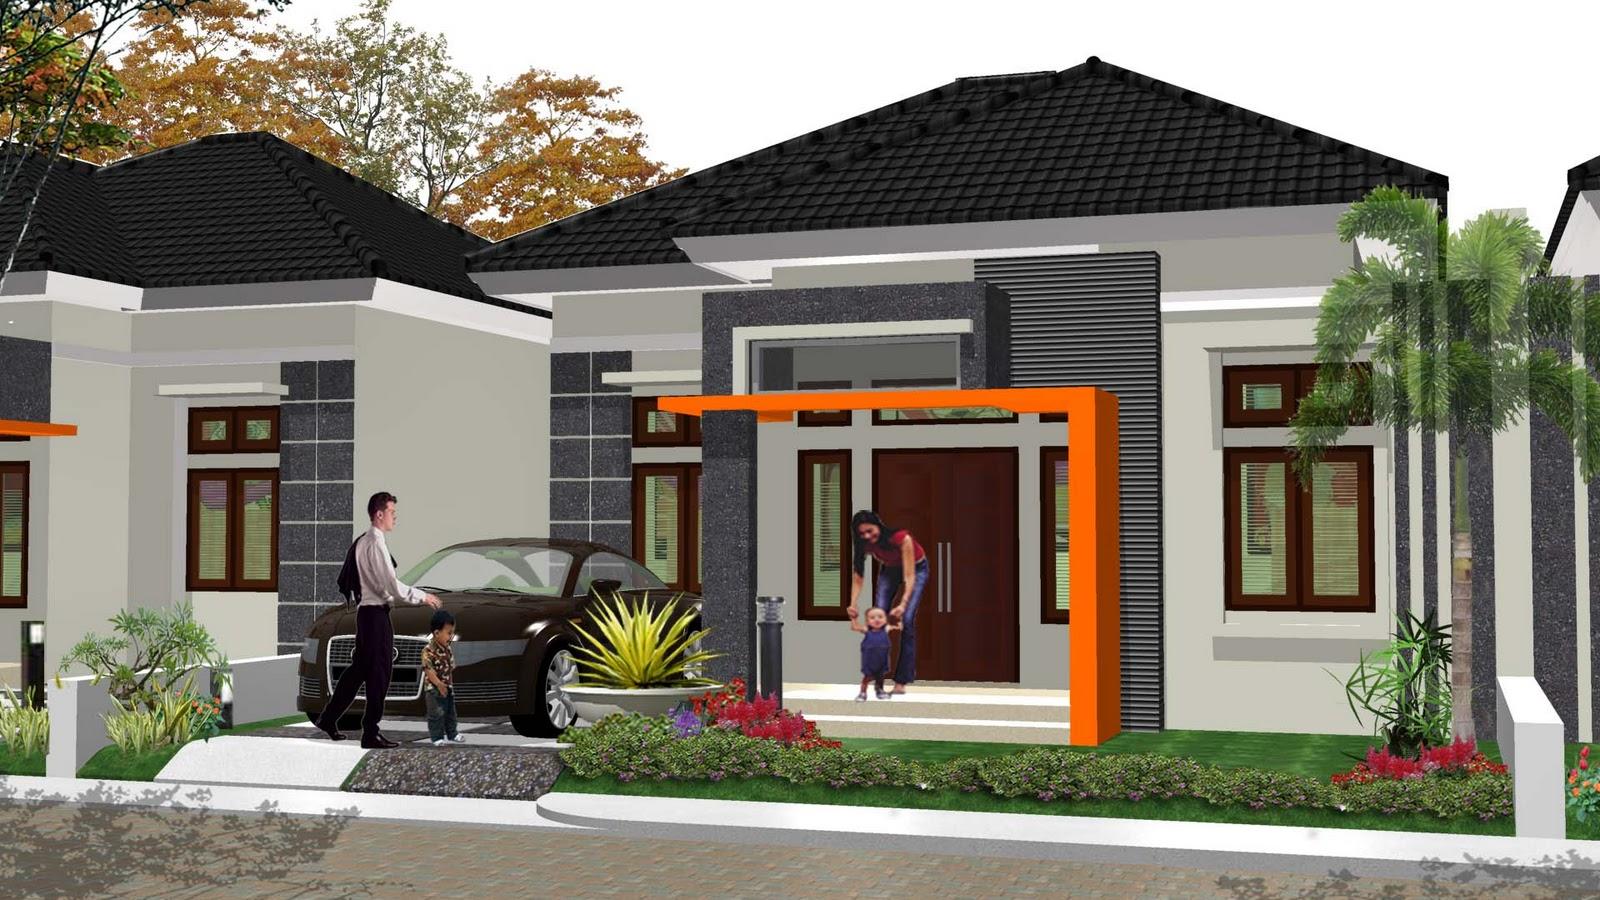 Desain Rumah Minimalis Dengan Biaya 50 Juta